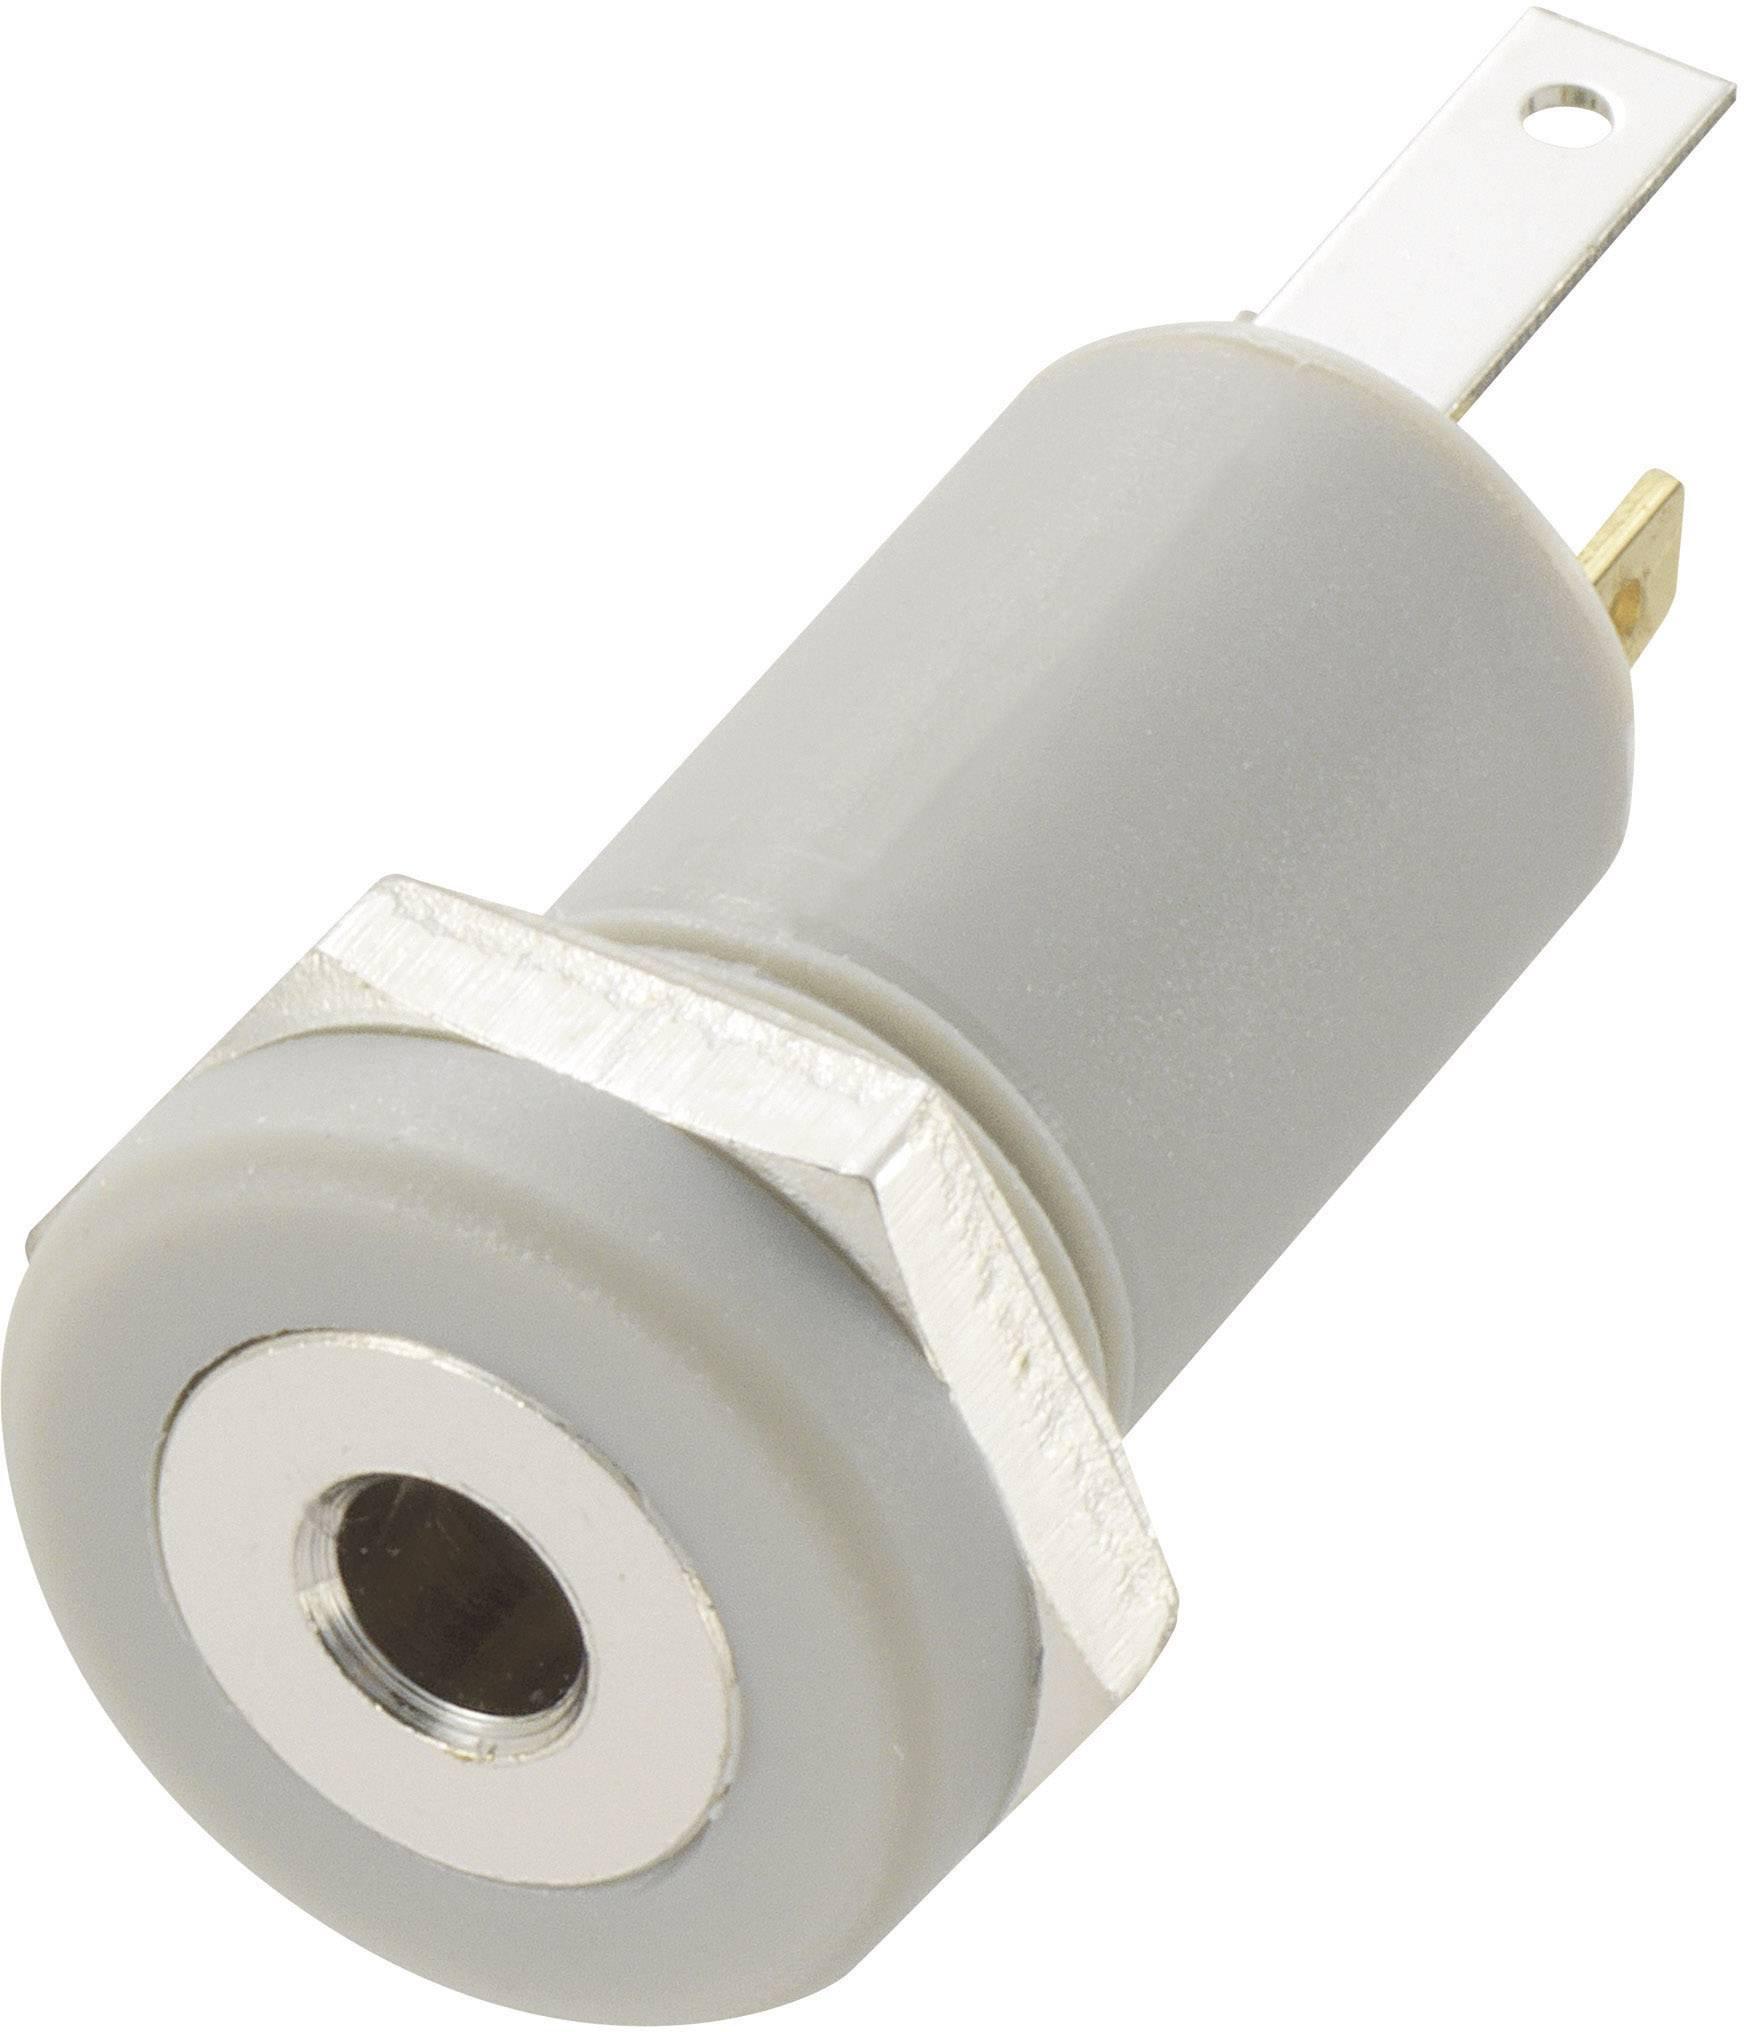 Jack konektor 2.5 mm stereo zásuvka, vstavateľná vertikálna Conrad Components 4, sivá, 1 ks